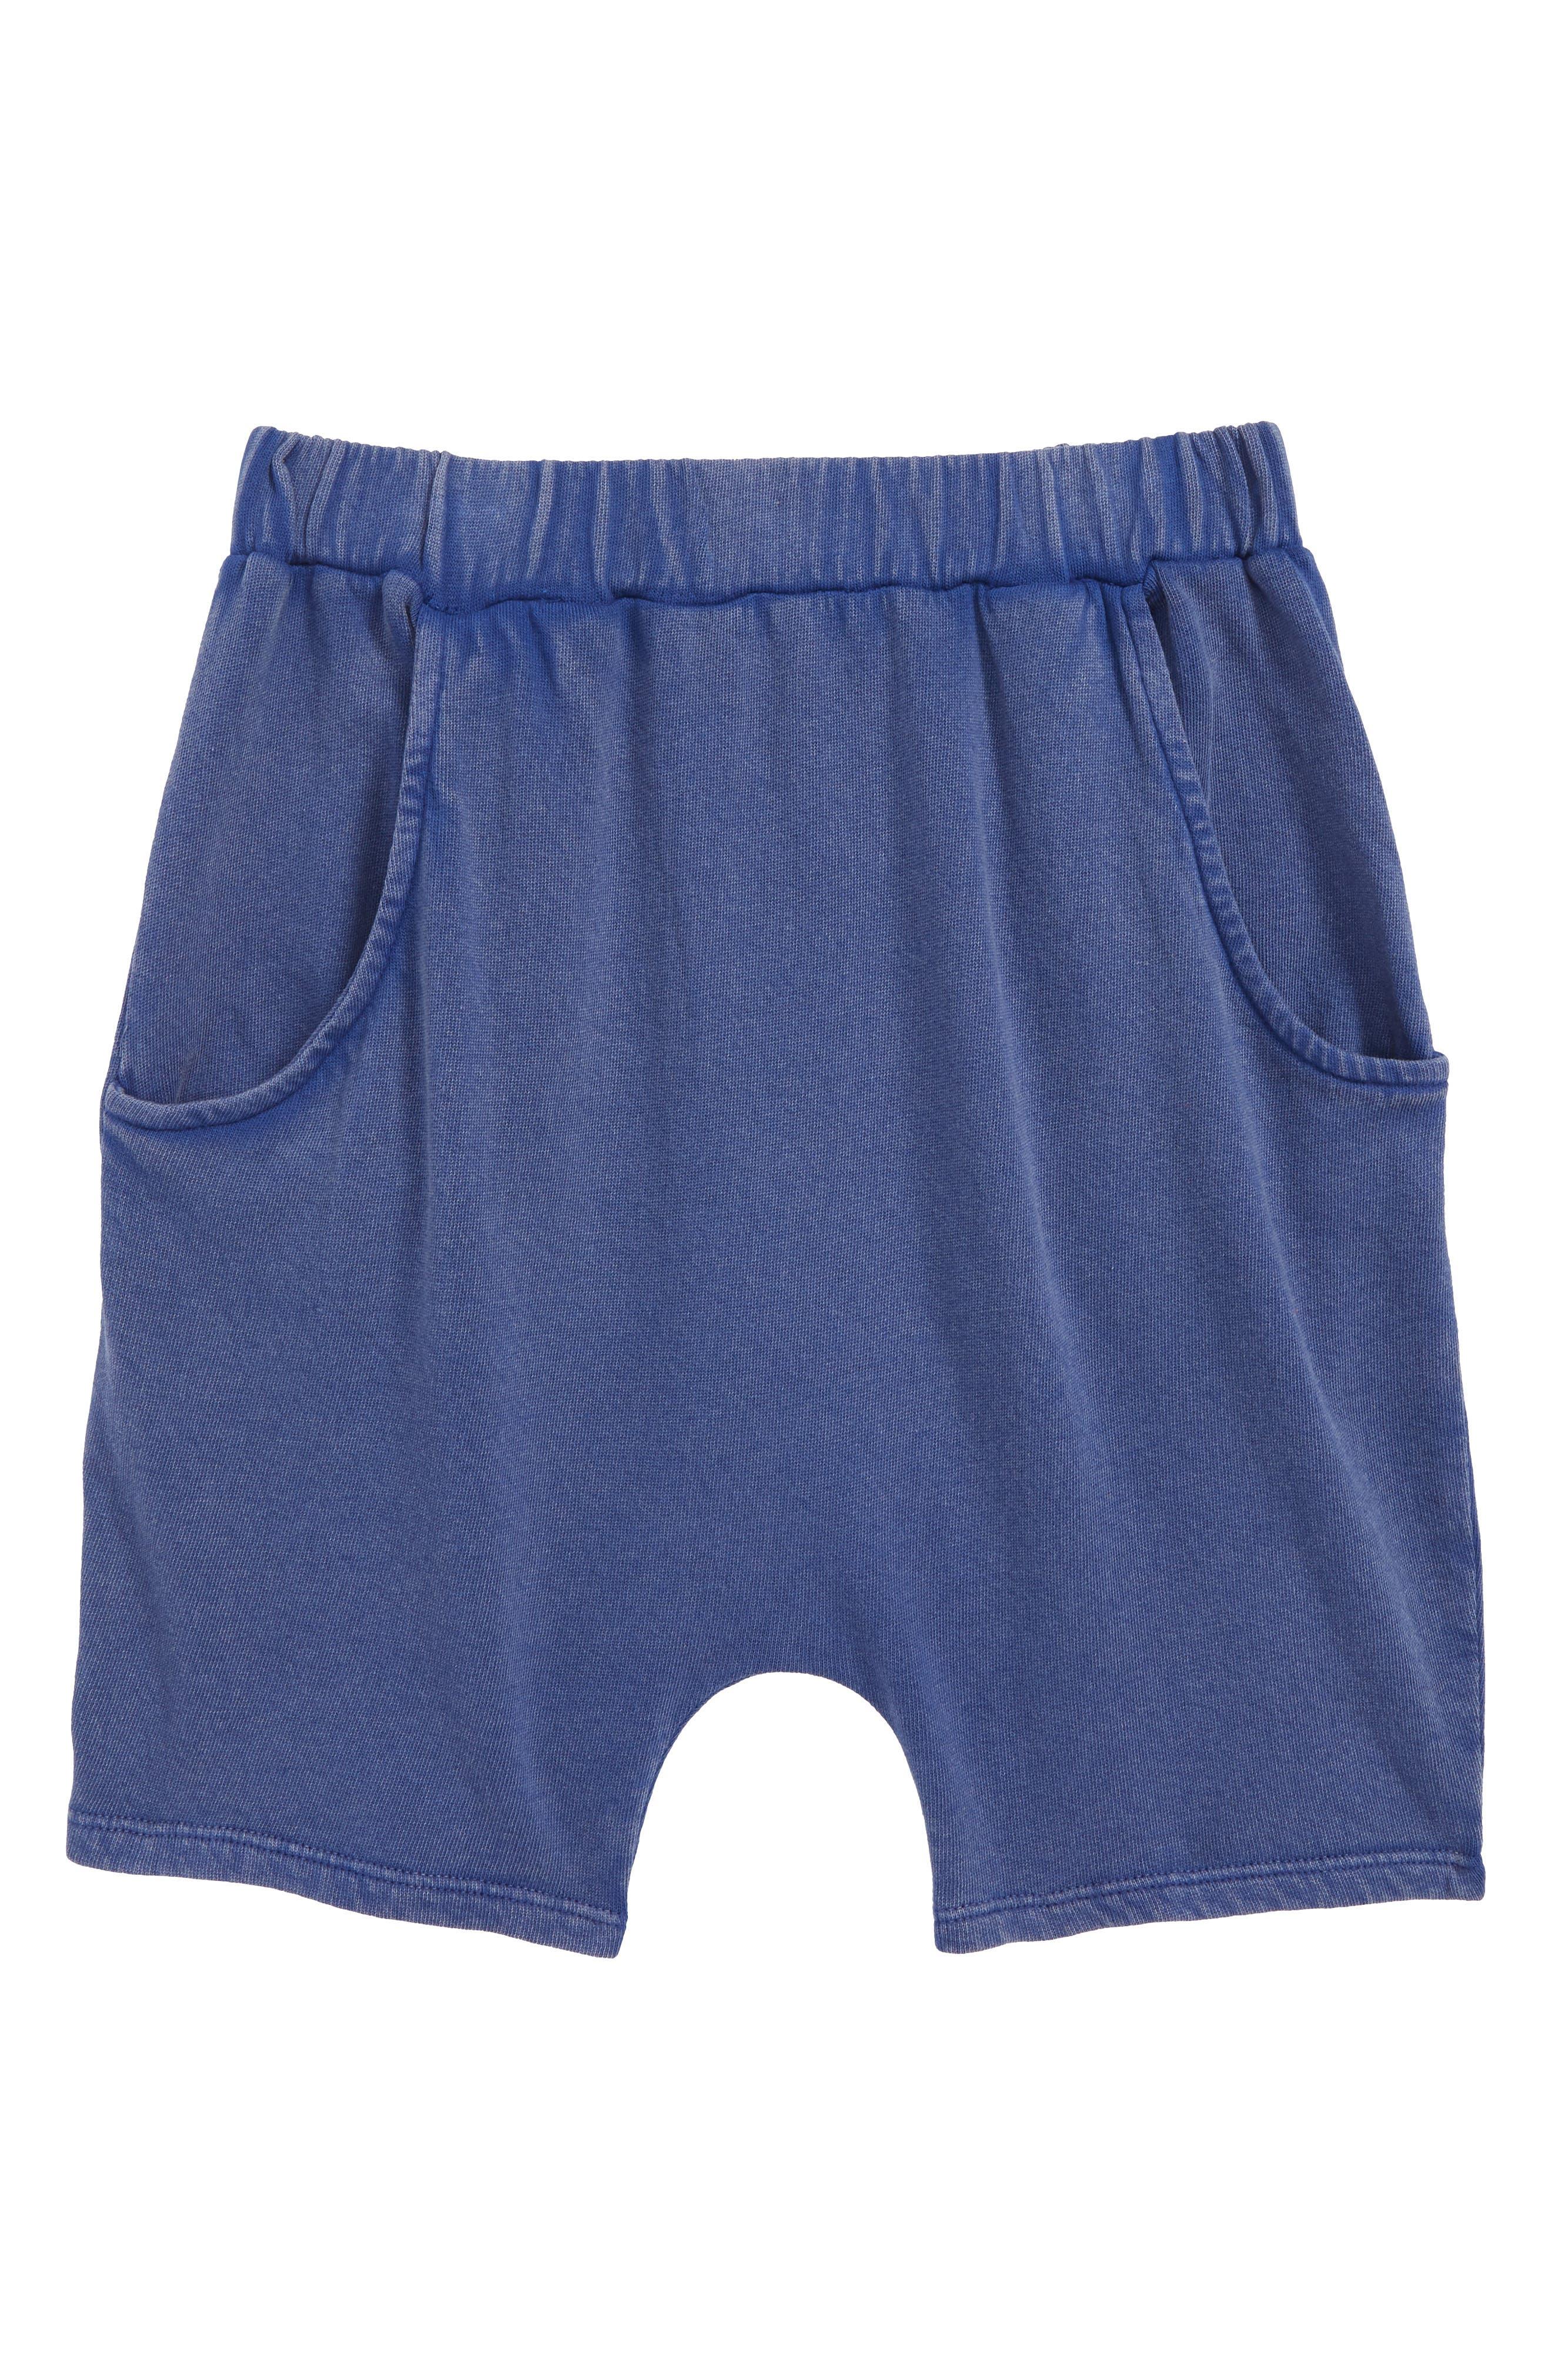 Knit Shorts,                         Main,                         color, Blue Sodalite Wash